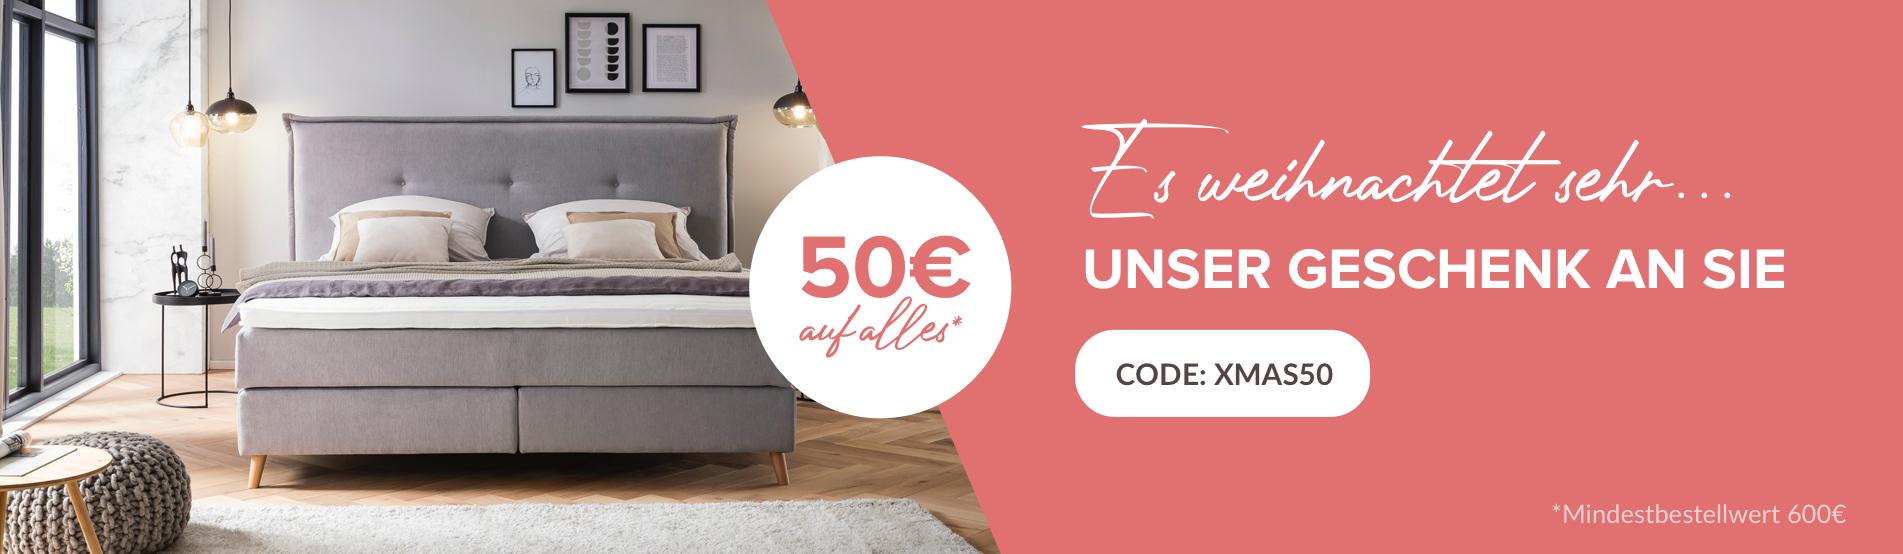 50€ Rabatt